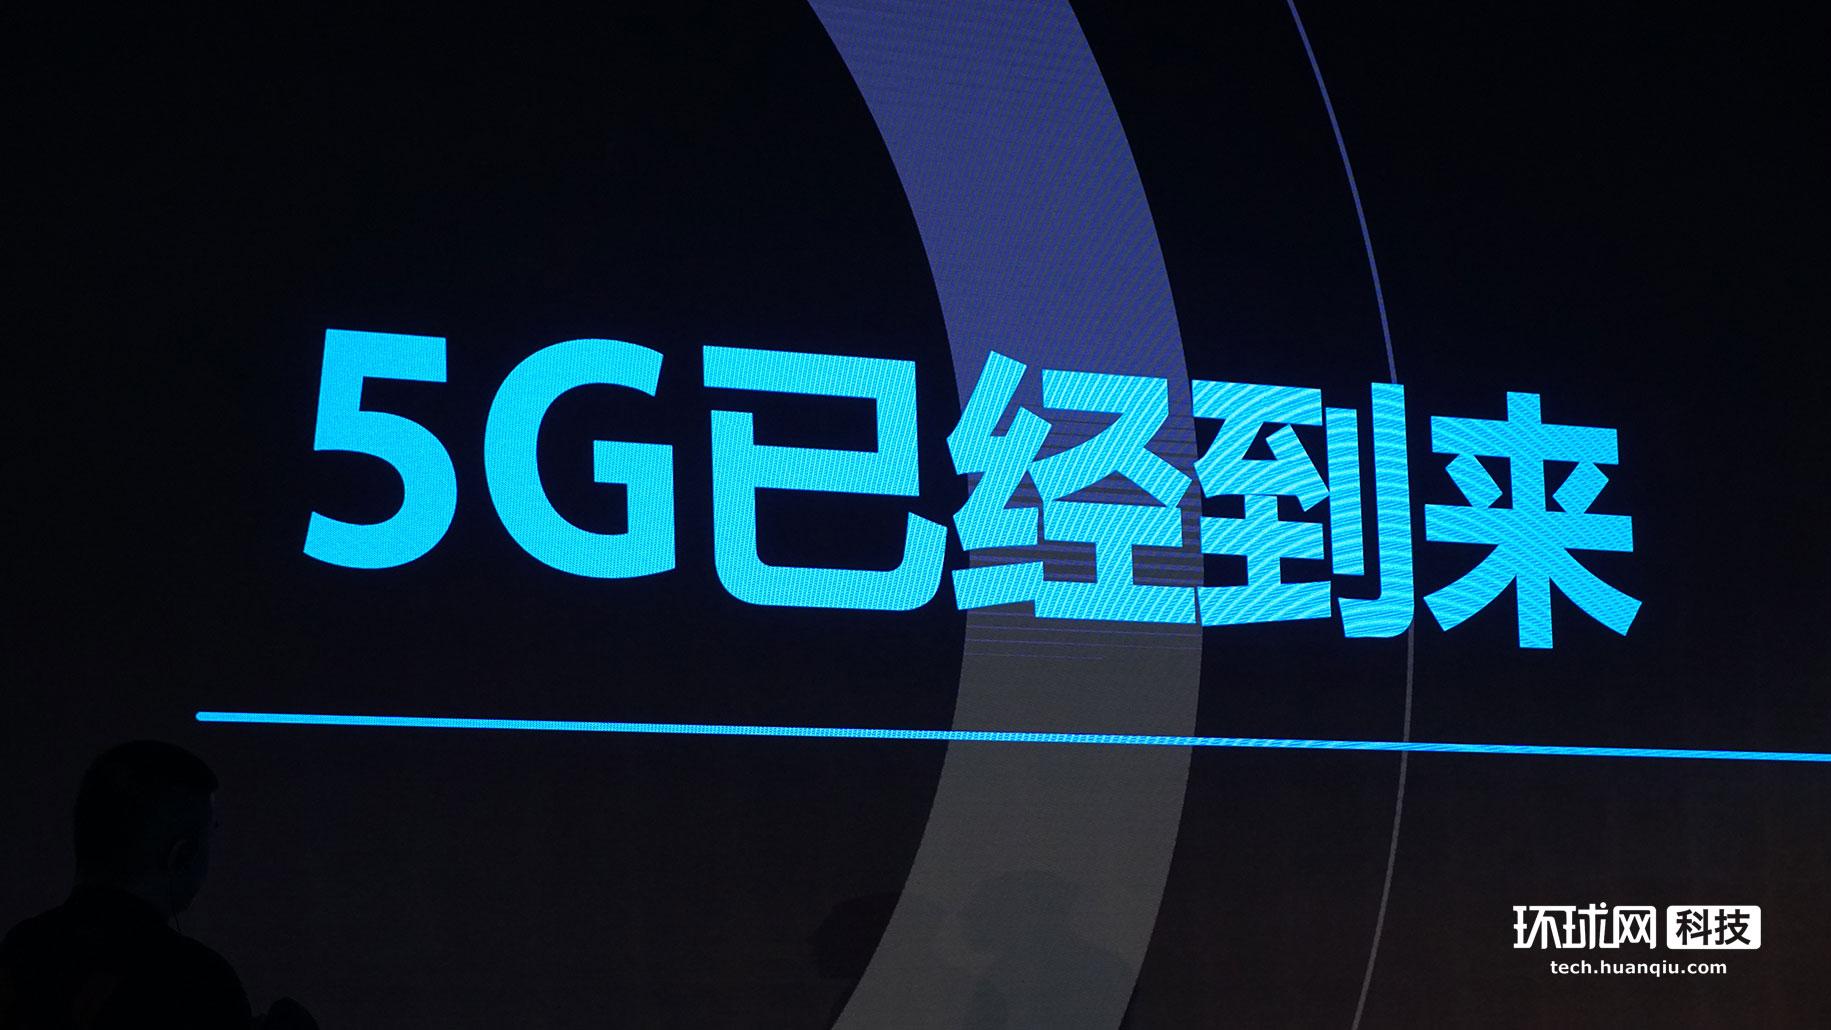 2019 OPPO创新大会即将开幕,展示5G前瞻眼光